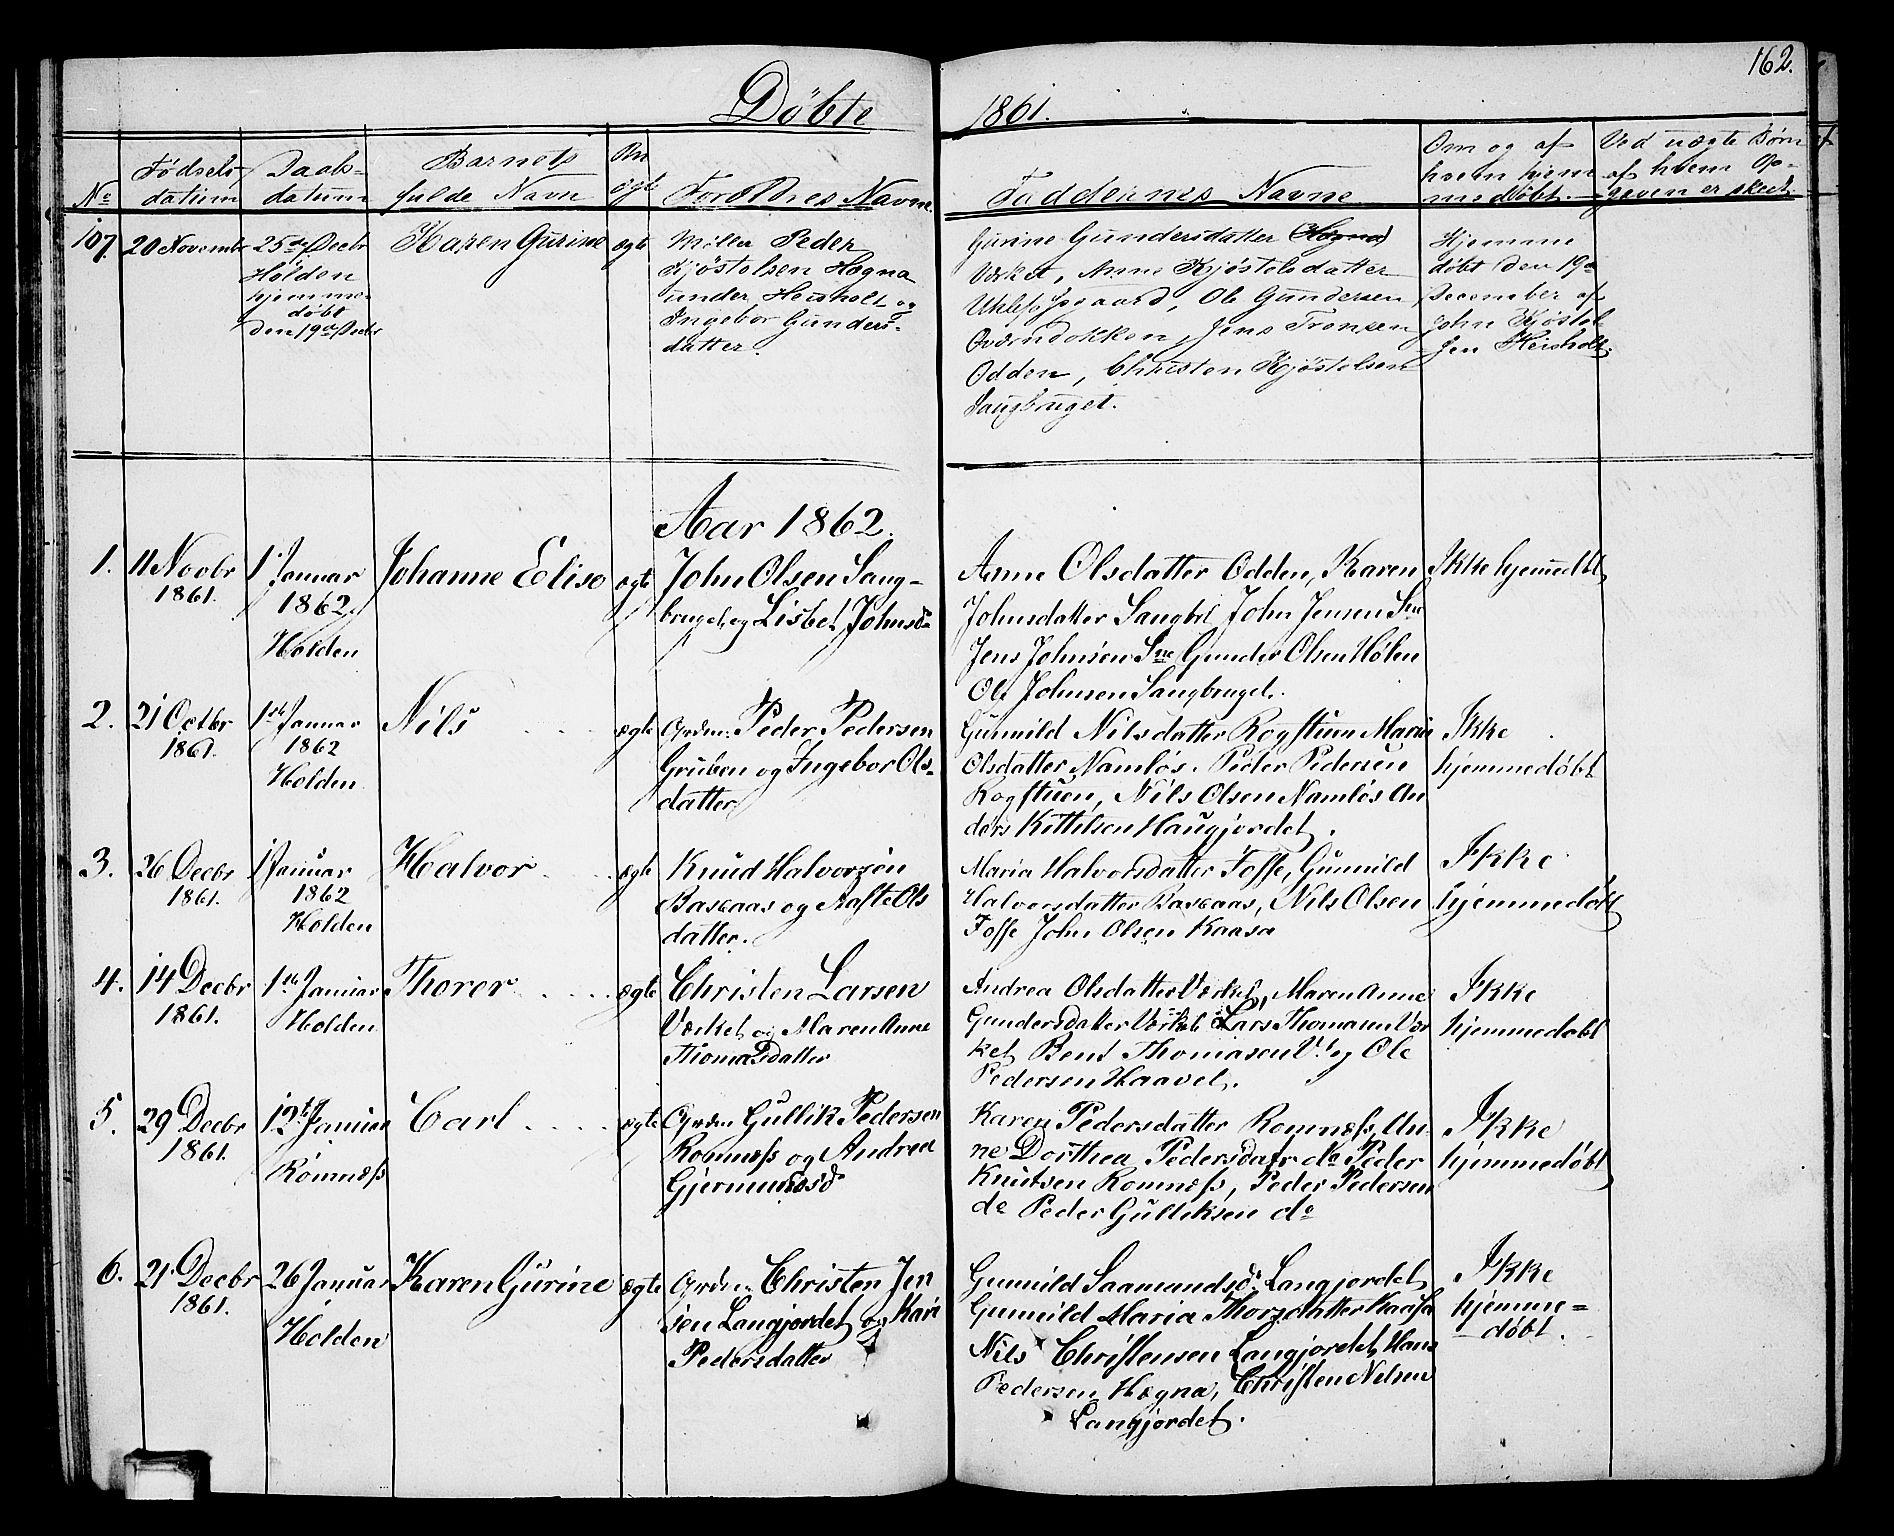 SAKO, Holla kirkebøker, G/Ga/L0003: Klokkerbok nr. I 3, 1849-1866, s. 162